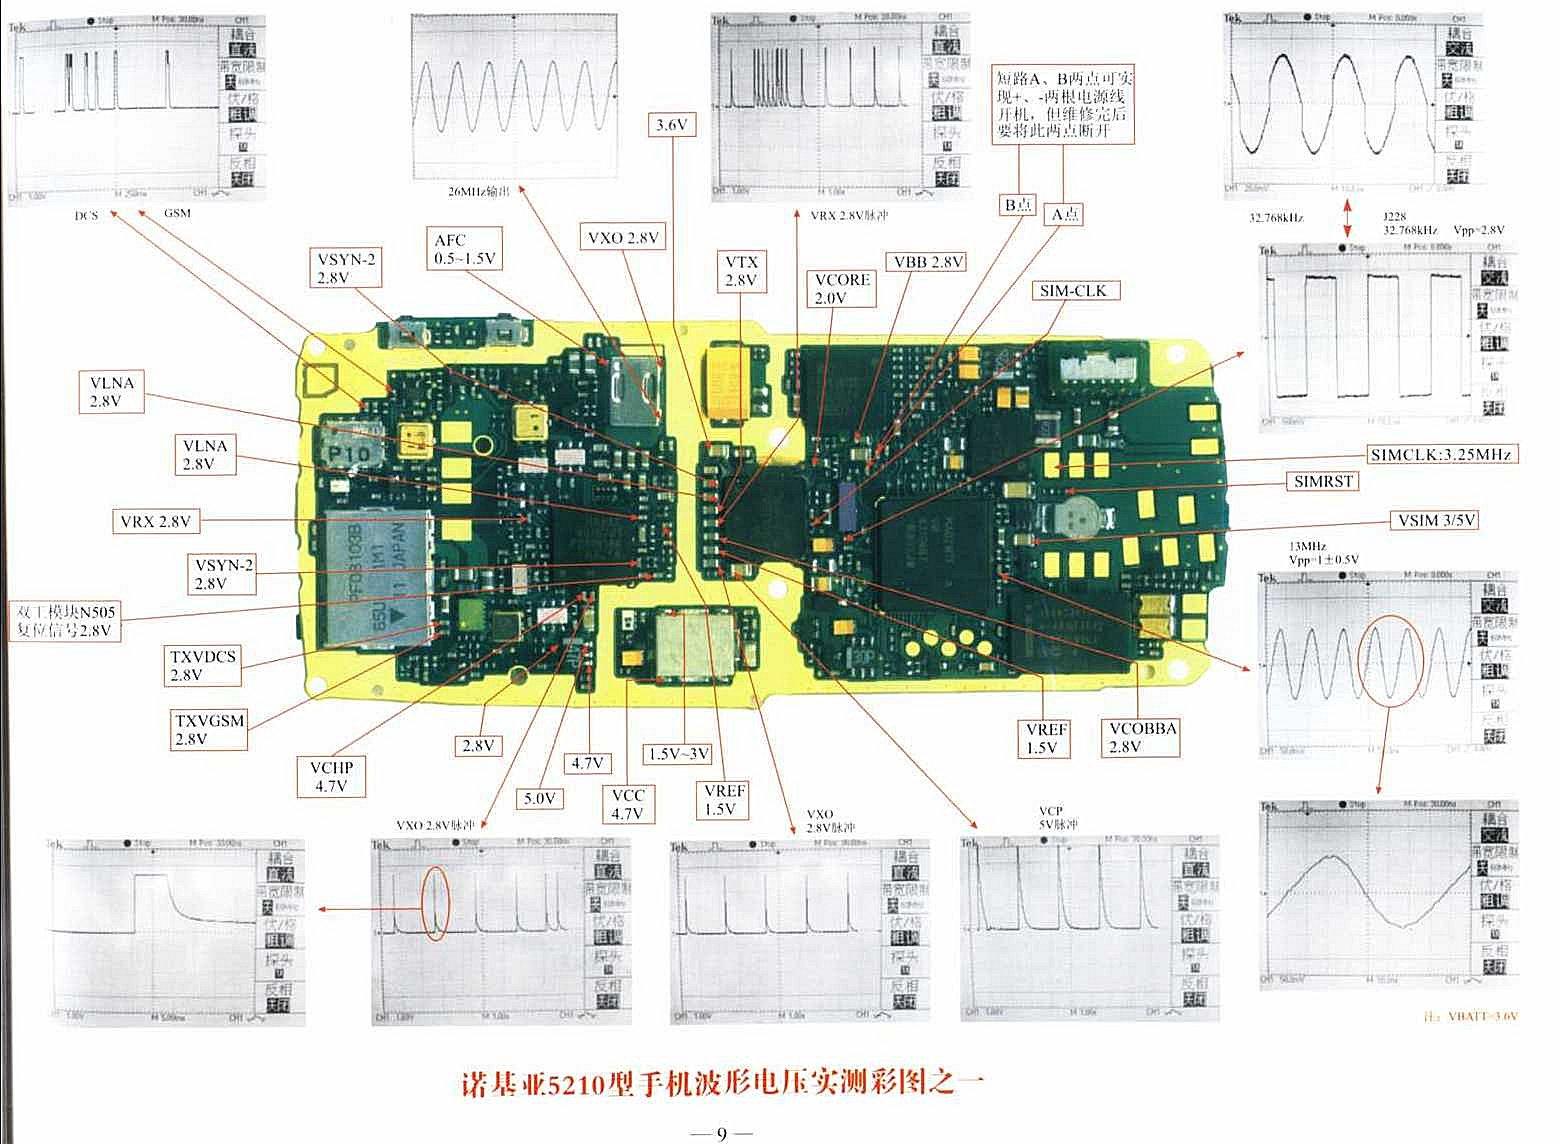 Nokia 1280 Mobile Phone Circuit Diagram 2020